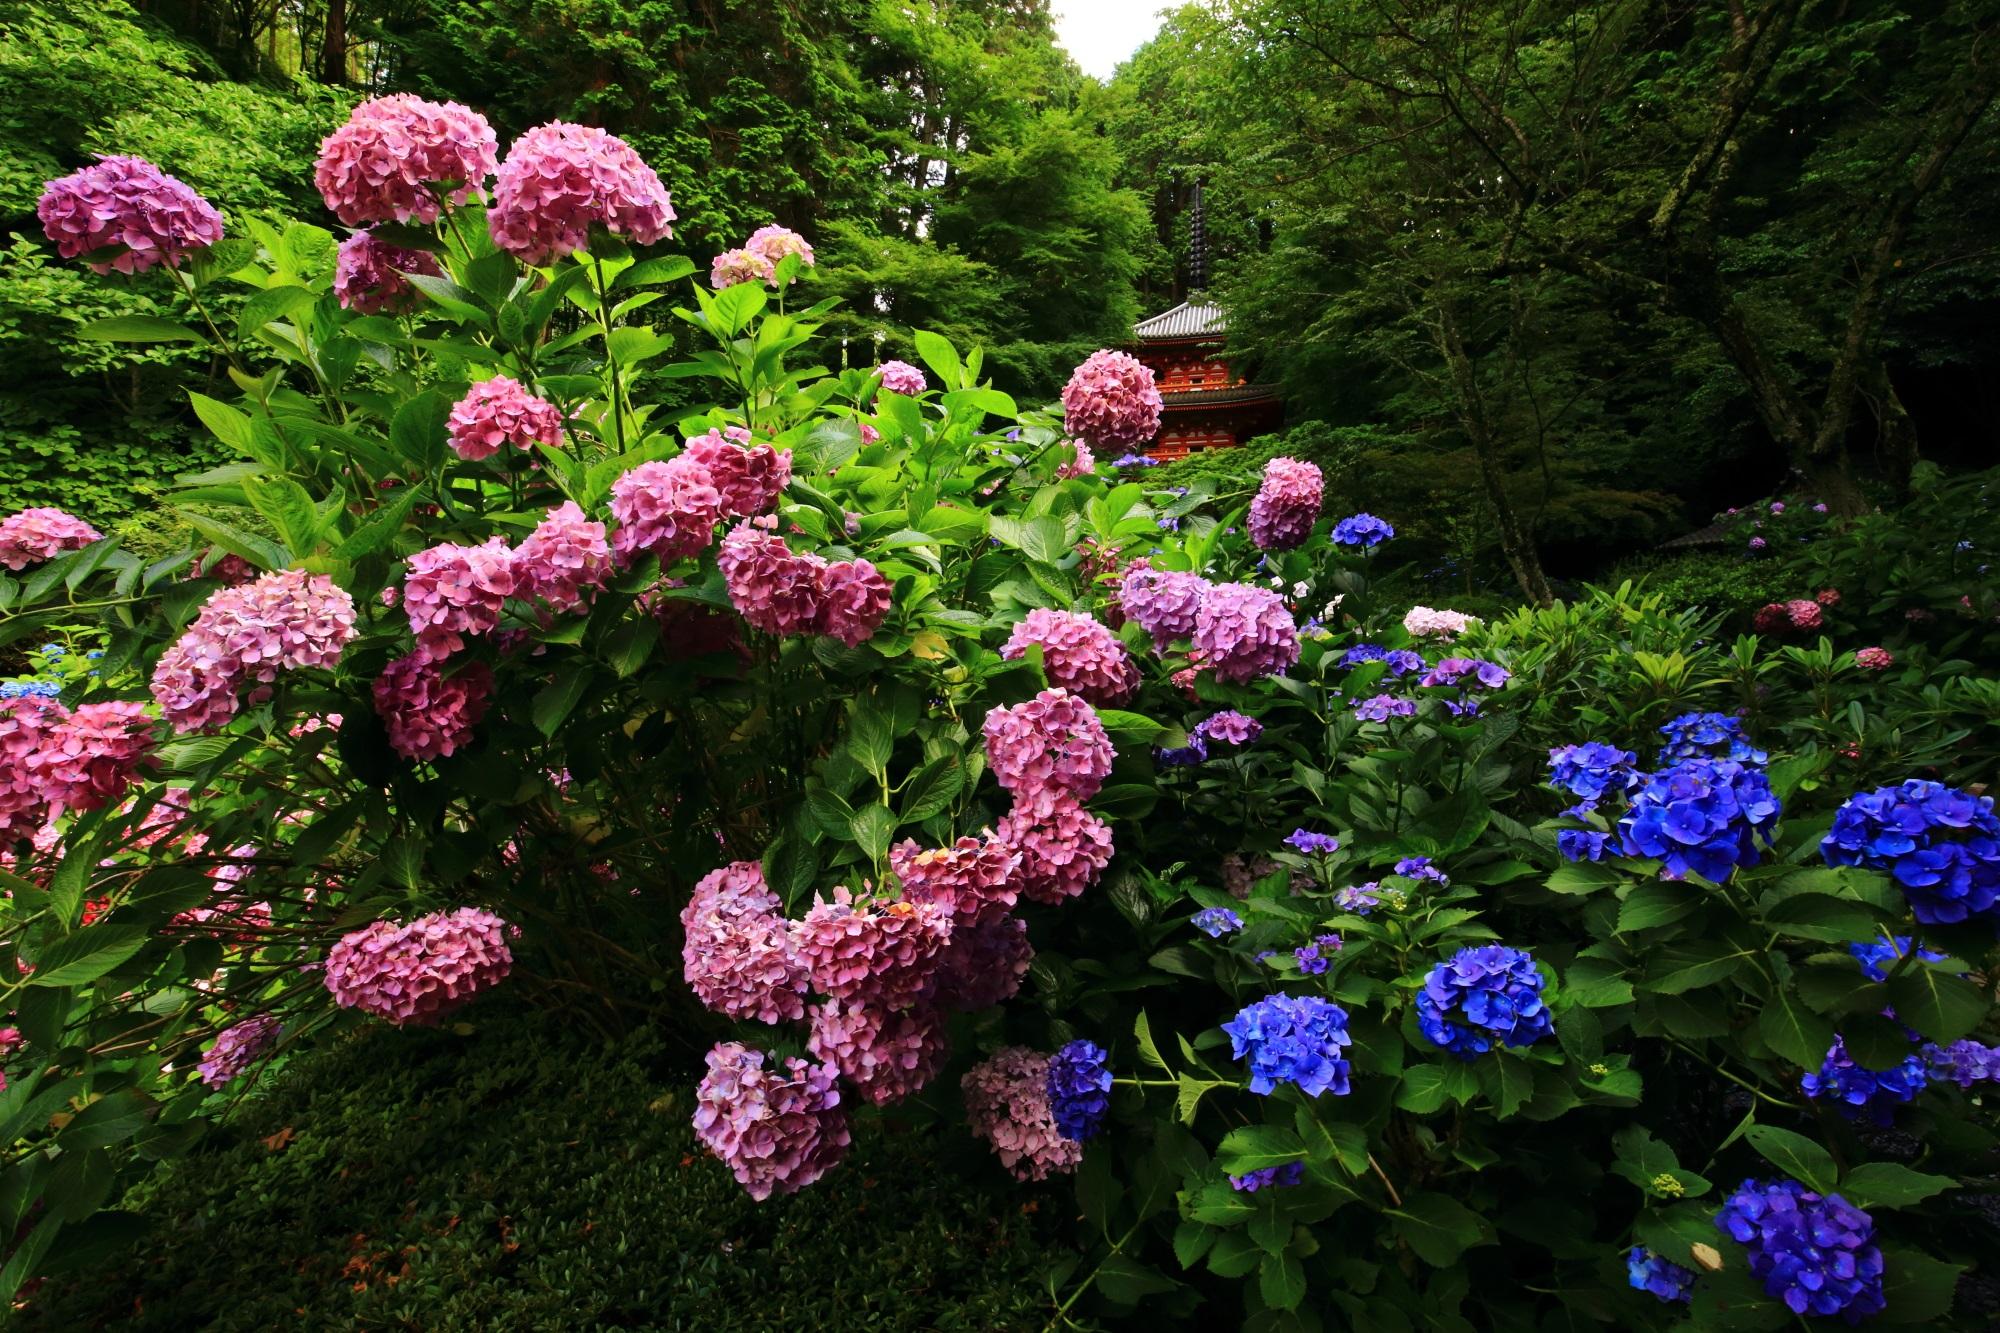 岩船寺 紫陽花 山城の鮮やかな絵になるあじさい